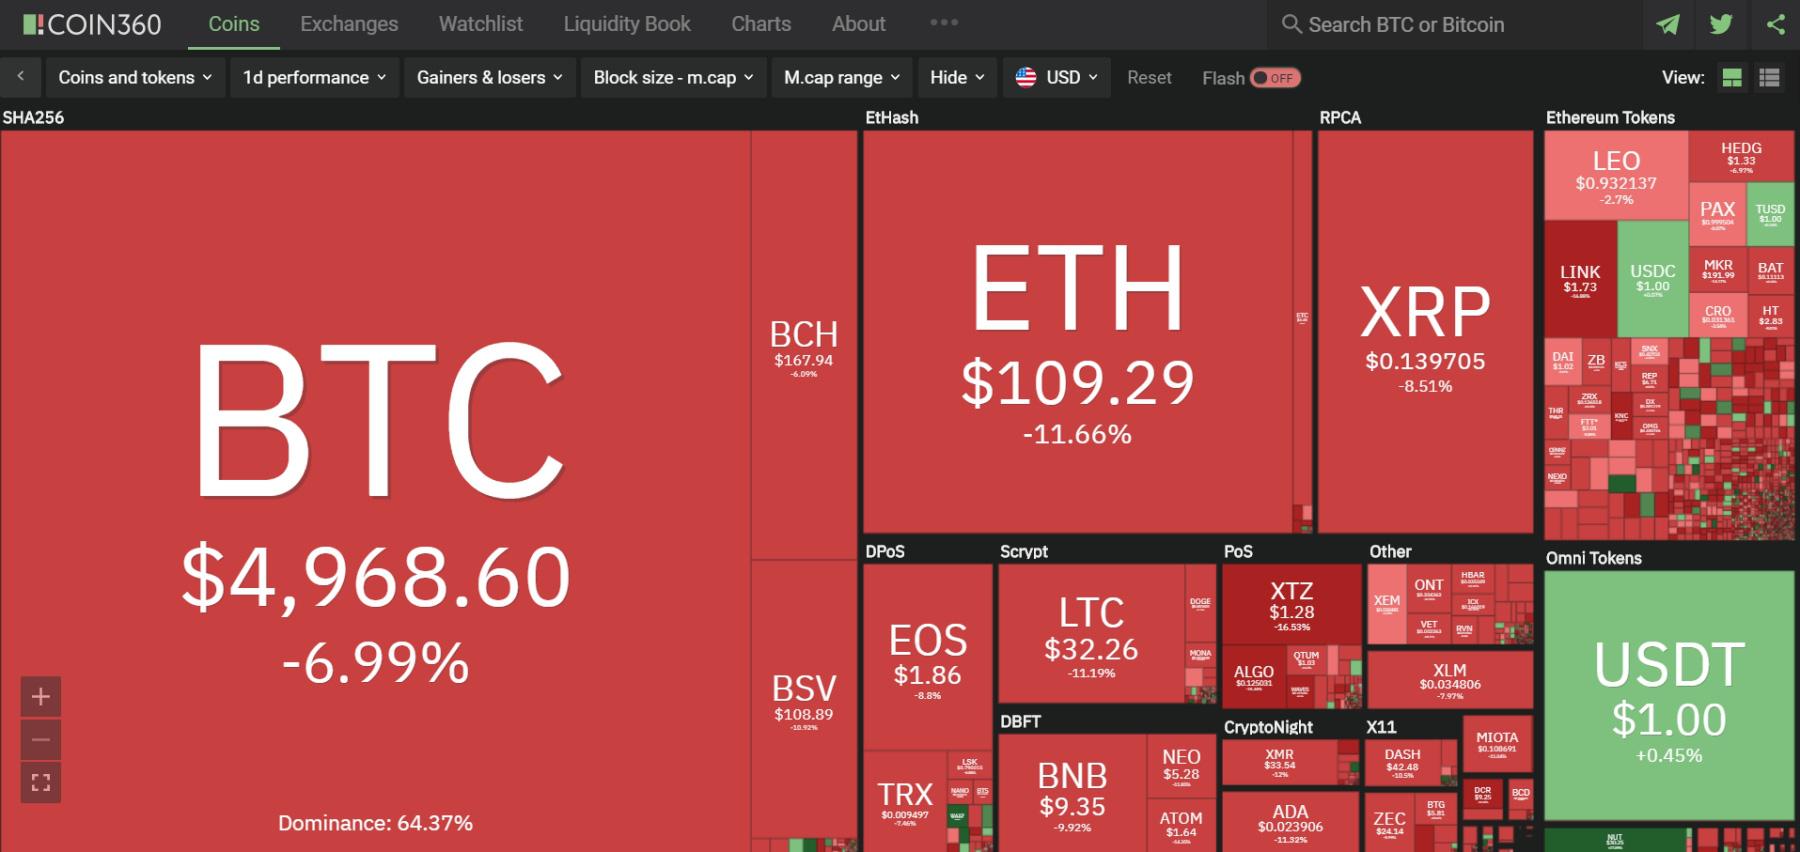 Giá bitcoin hôm nay 17/3: Thị trường rực lửa, bitcoin còn chưa đầy 5.000 USD - Ảnh 2.